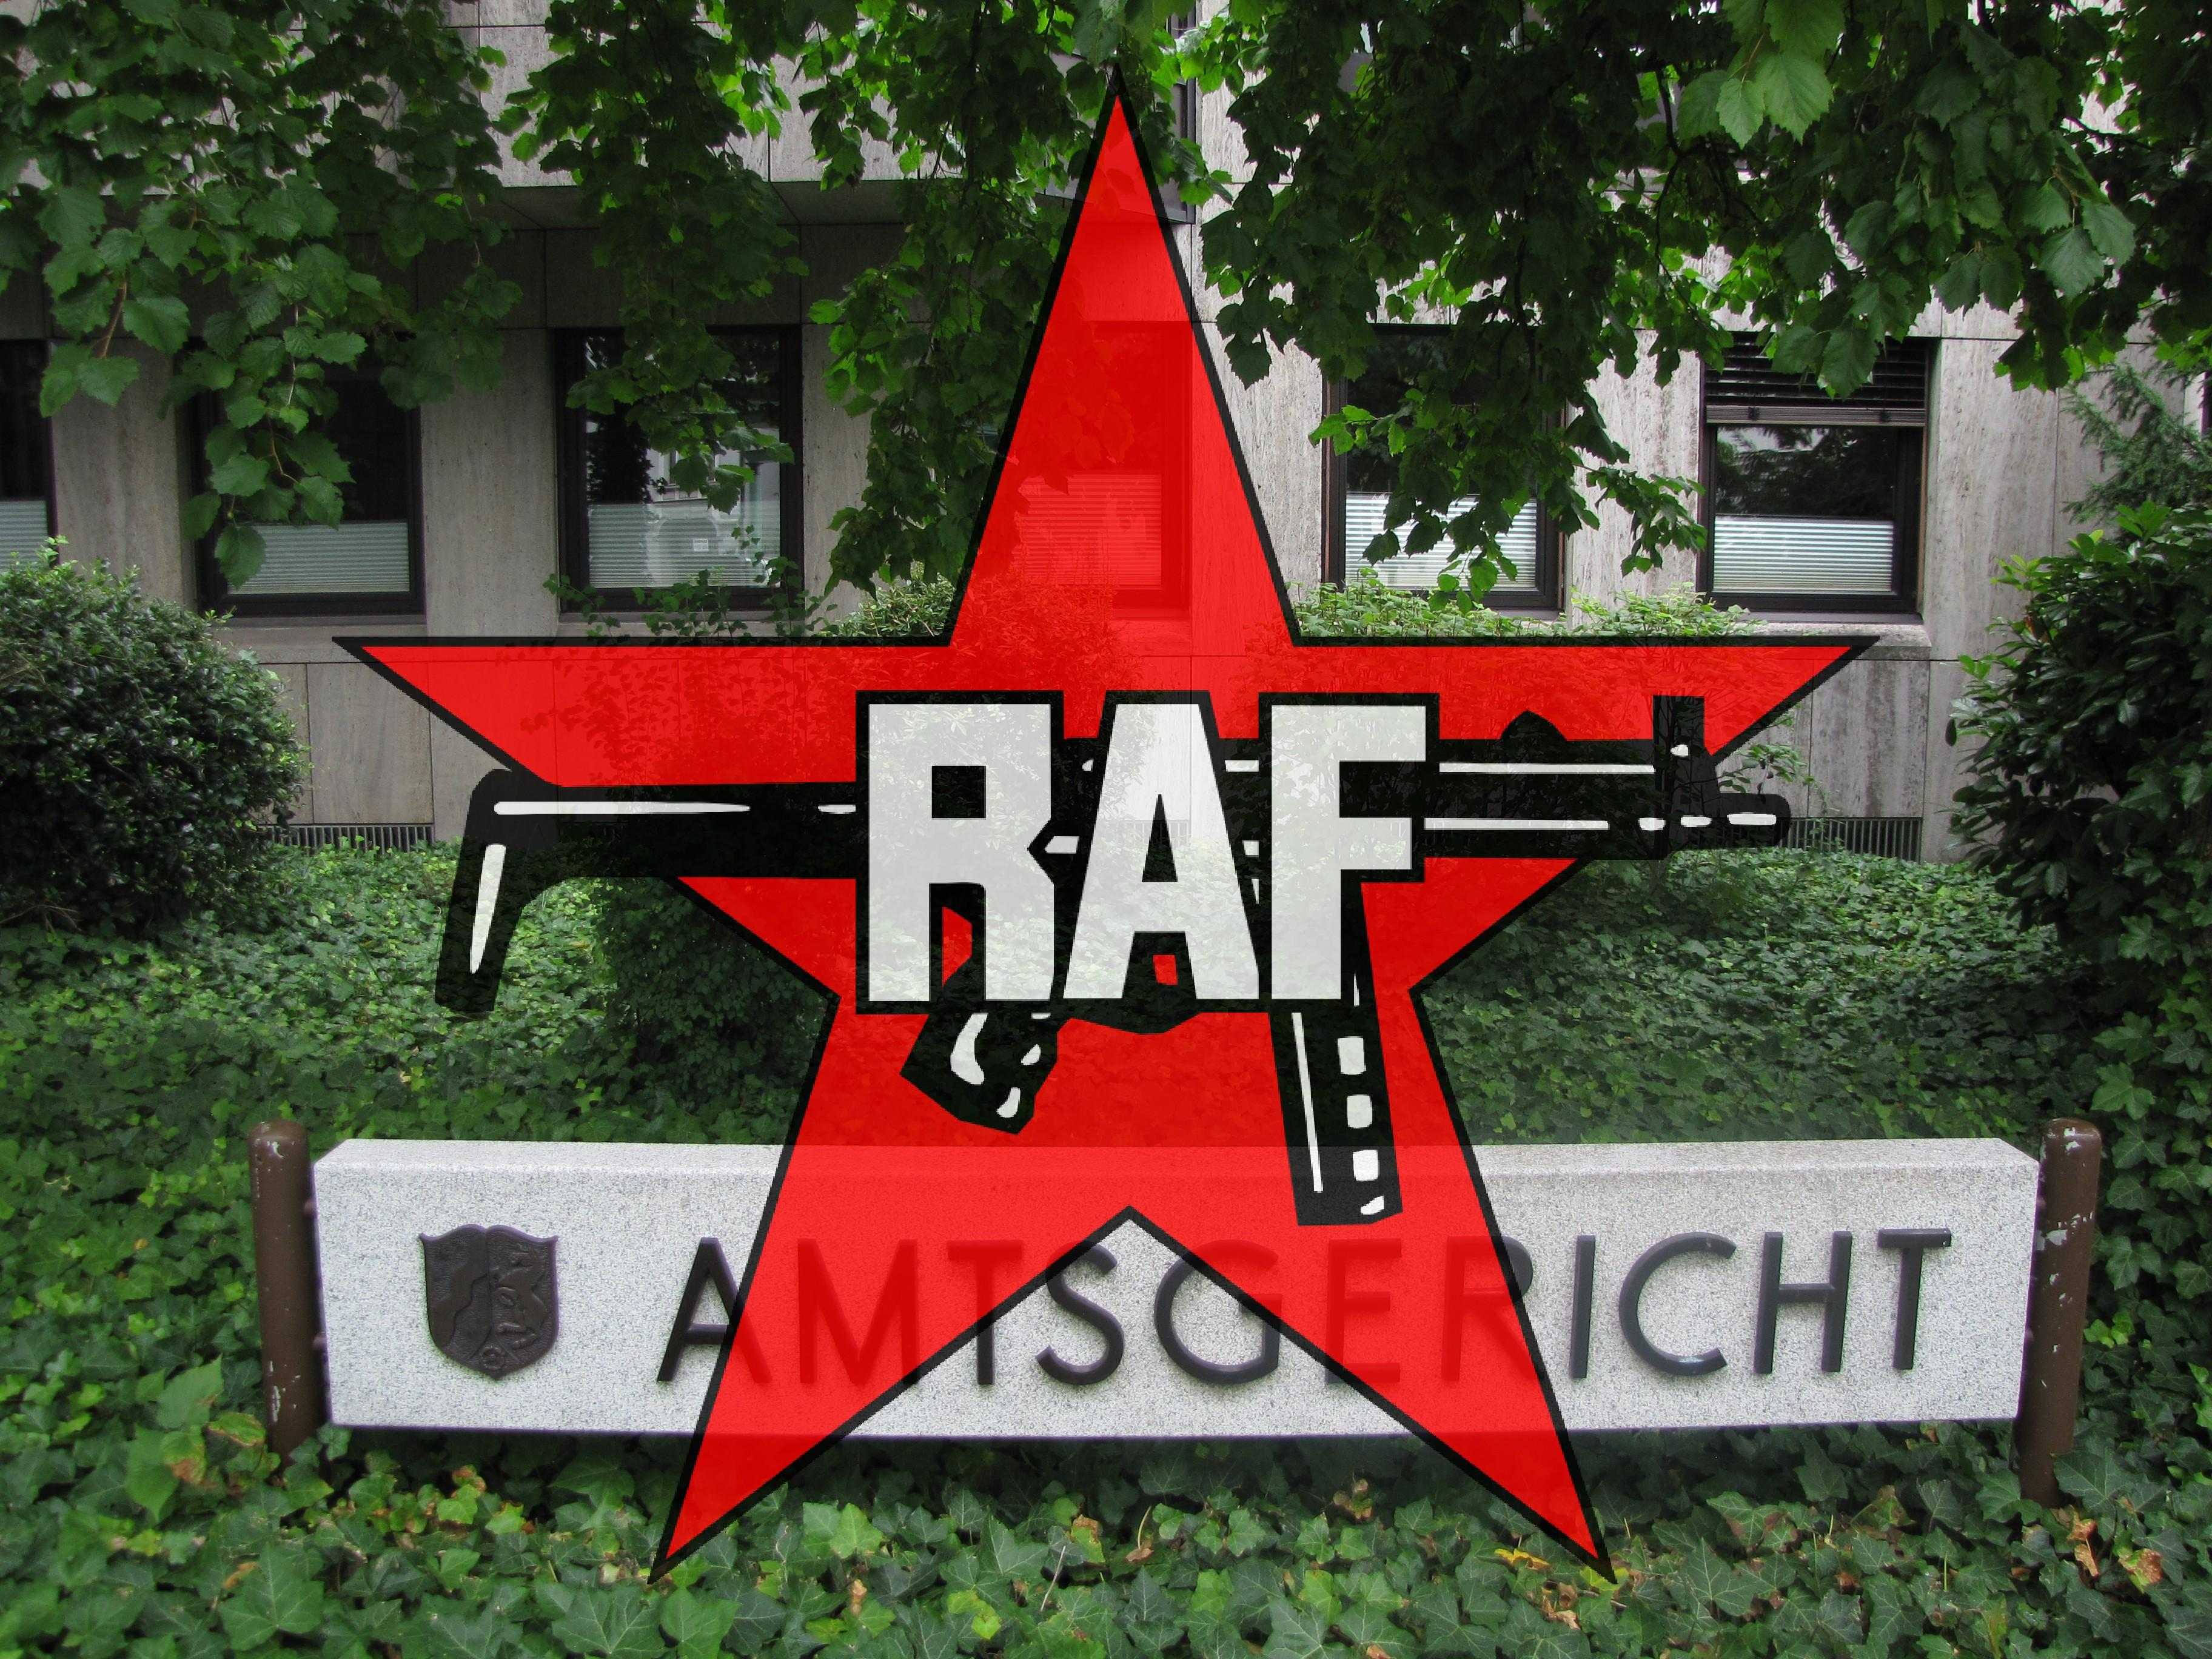 Amtsgericht Bielefeld Insolvenzabteilung öffnungszeiten Zwangsversteigerungen Nachlassgericht Urteile Kirchenaustritt Richter Familiengericht Richter Urteile (6)